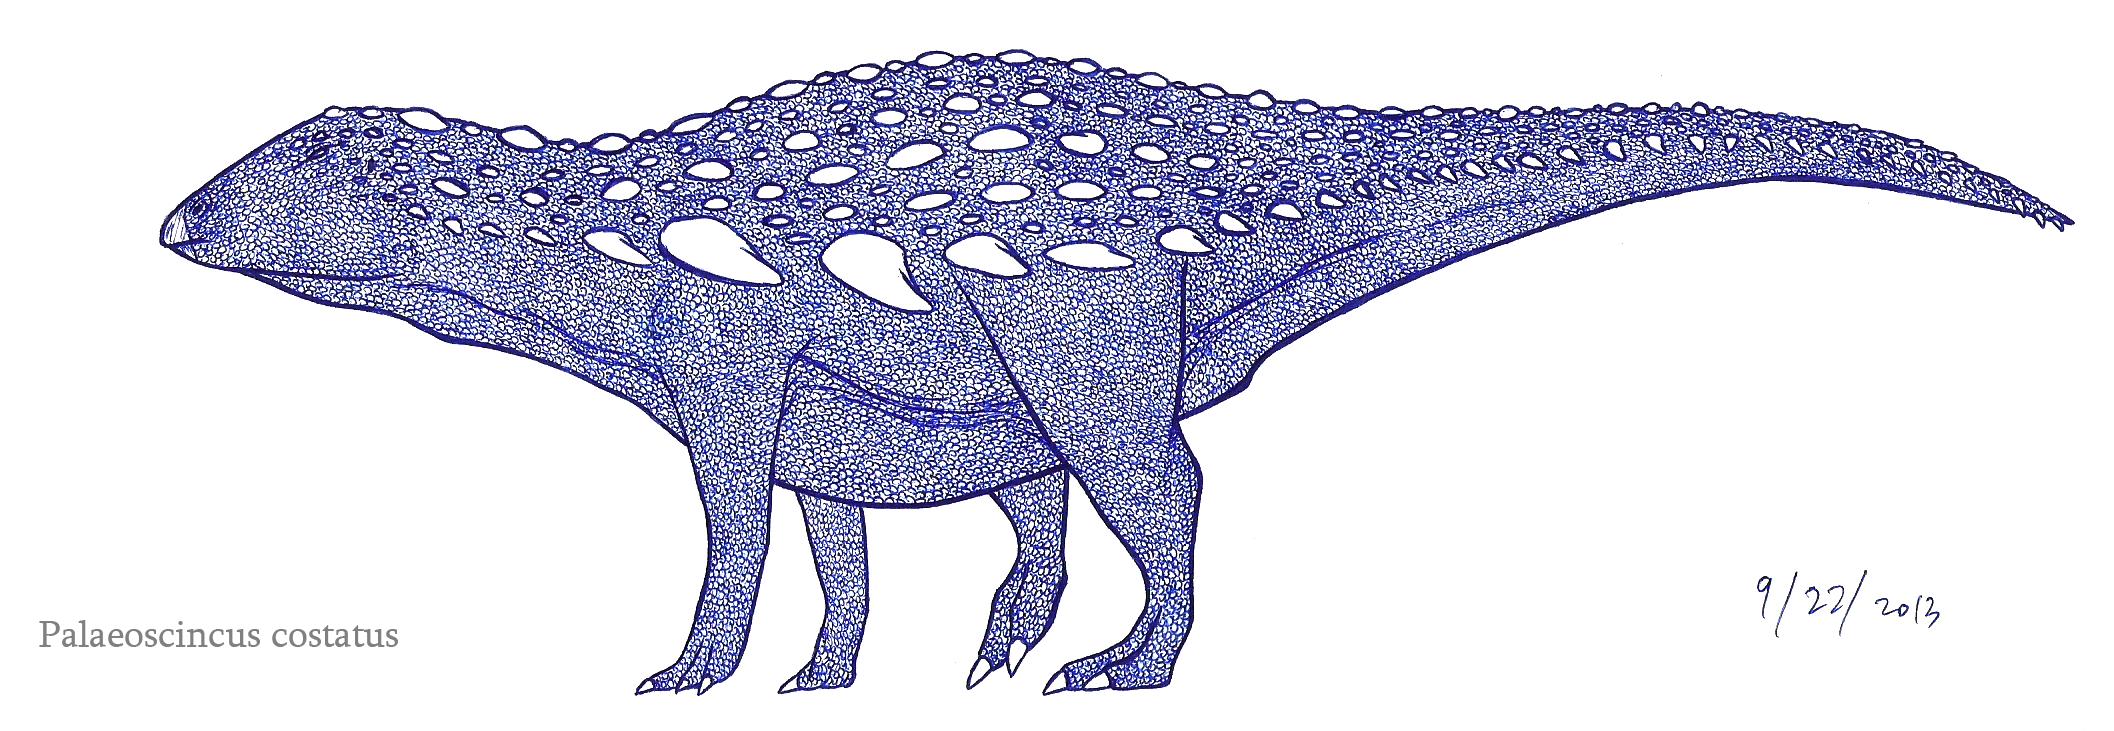 Palaeoscincus the dinosaurian skink